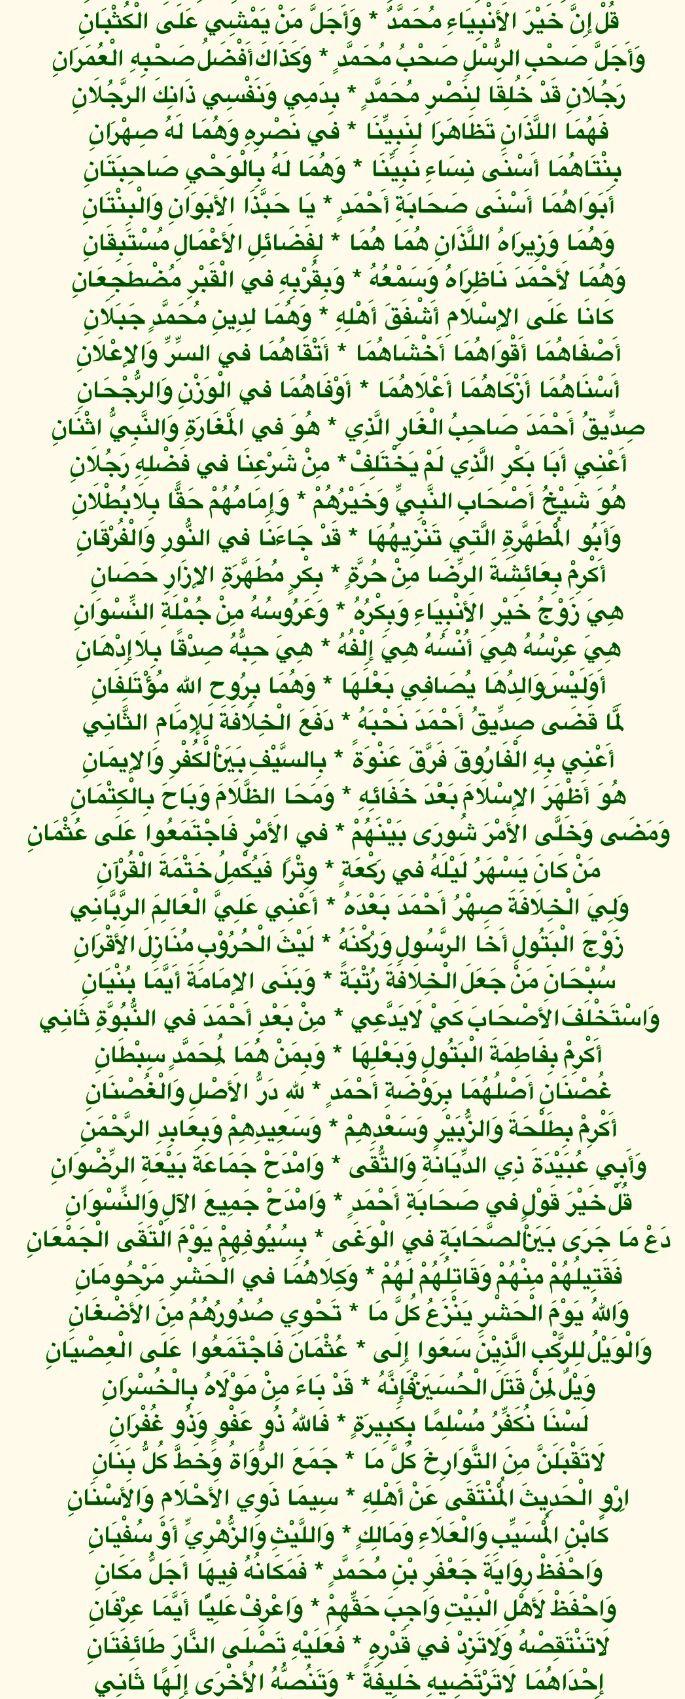 جزء من نونية القحطاني في فضل الخلفاء مما اعجبني Noor Pretty Words Beautiful Arabic Words Peace Be Upon Him